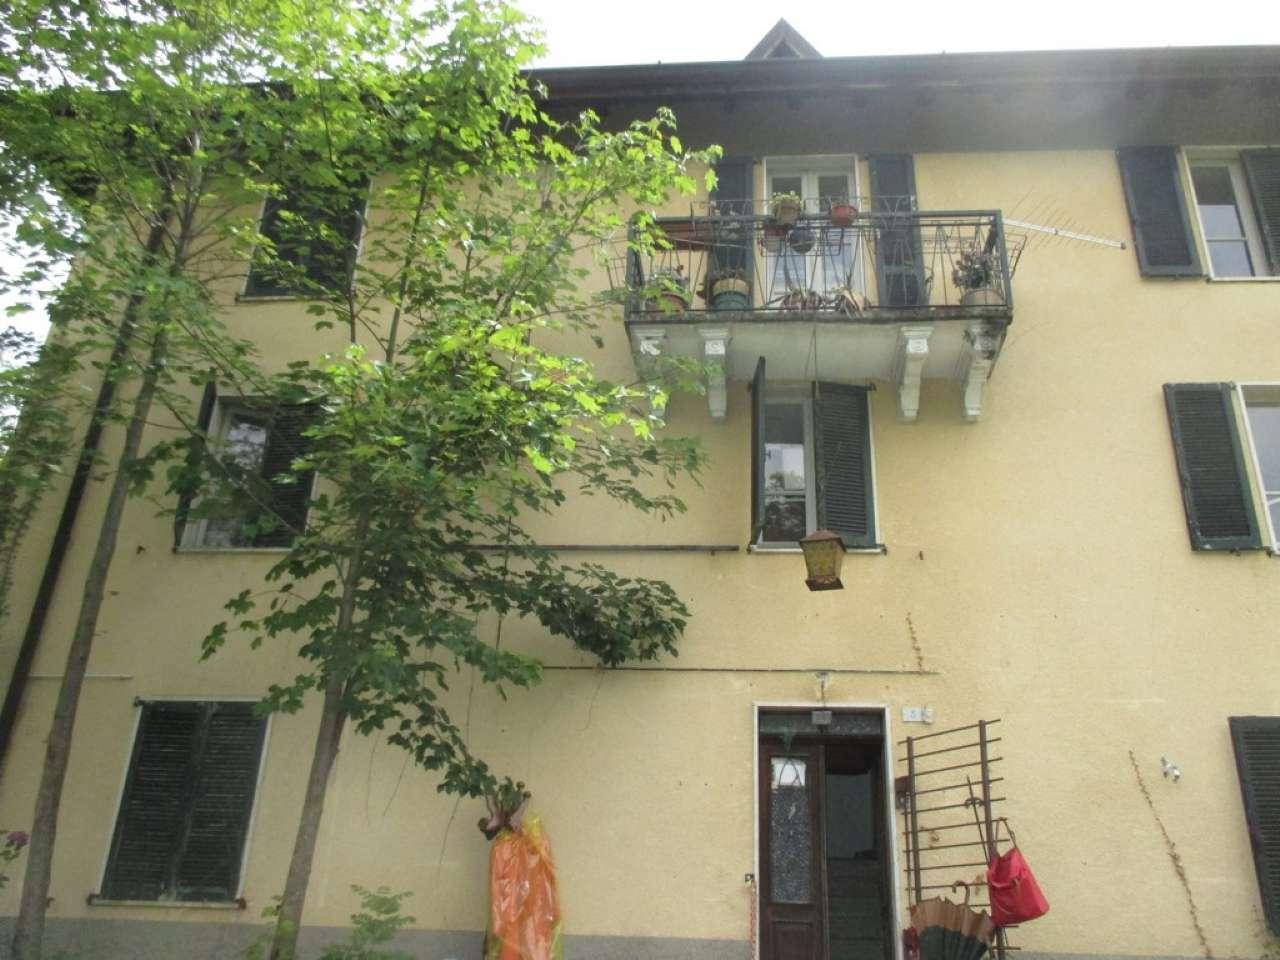 Rustico / Casale in vendita a Corna Imagna, 9 locali, prezzo € 120.000 | CambioCasa.it